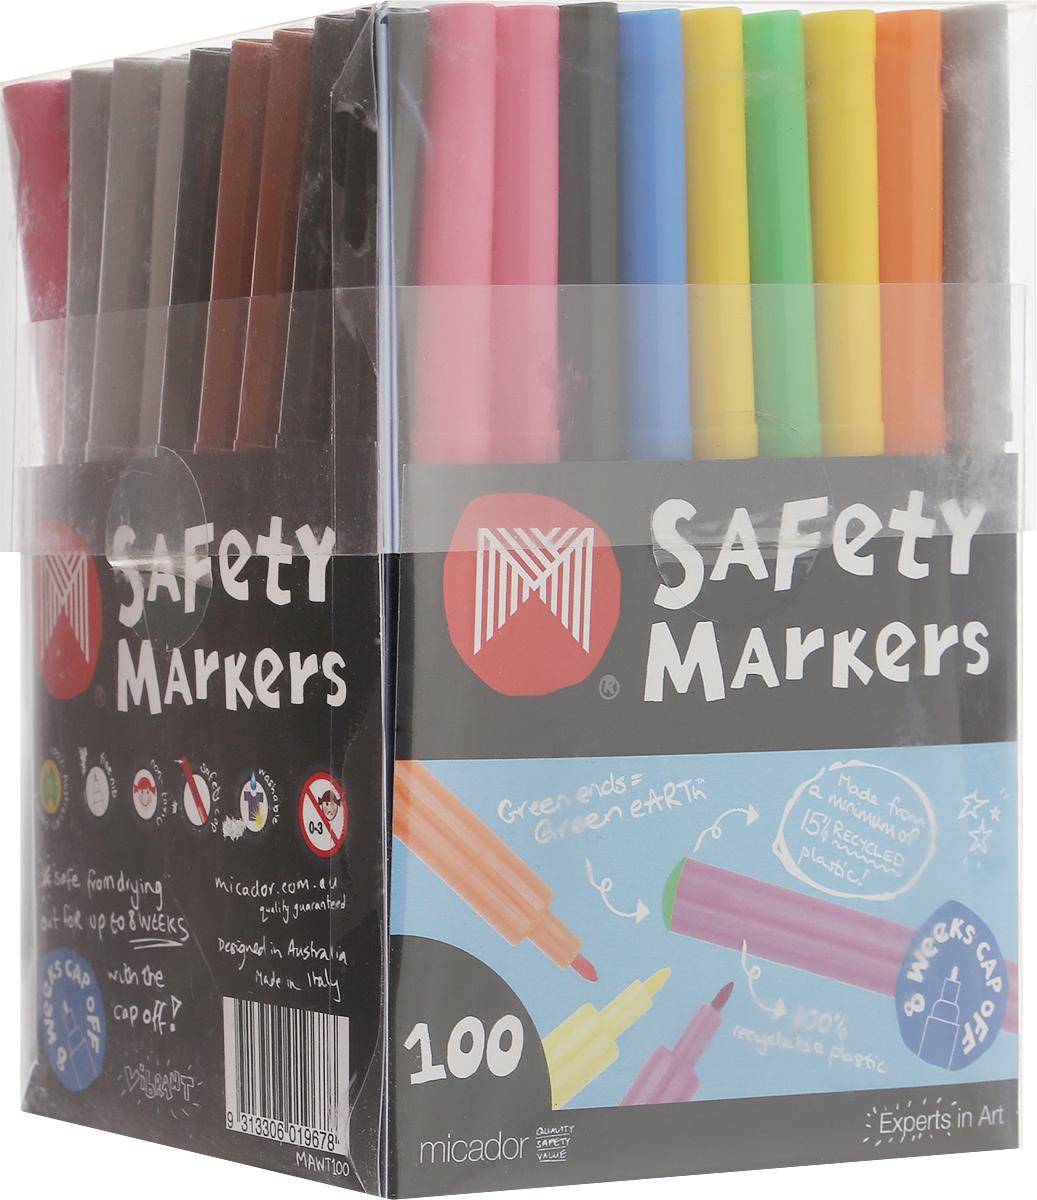 Micador Фломастеры 100 штMAWT100Фломастеры Micador классических цветов на водной основе оценят не только маленькие художники, но их родители.Фломастеры не содержат спирта, растворителей и токсичных компонентов, поэтому полностью безопасны для маленьких детей. Фломастеры имеют яркие насыщенные цвета, чернила не расплываются на бумаге, что позволяет делать четкие линии. Изготовлены по запатентованной технологии Easy Wash. Отлично смываются как с кожи, так и с других поверхностей (ткани, мебели), что обязательно оценят родители. Фломастеры долговечные они не высыхают с открытым колпачком до 8 недель, при необходимости легко заправляются водой, а это значит, вам не придется покупать все новые и новые фломастеры долгое время.Рисование развивает творческие способности, воображение, логику, память, мышление.Австралийский бренд Micador - эксперт в товарах для детского творчества с 1954 года.